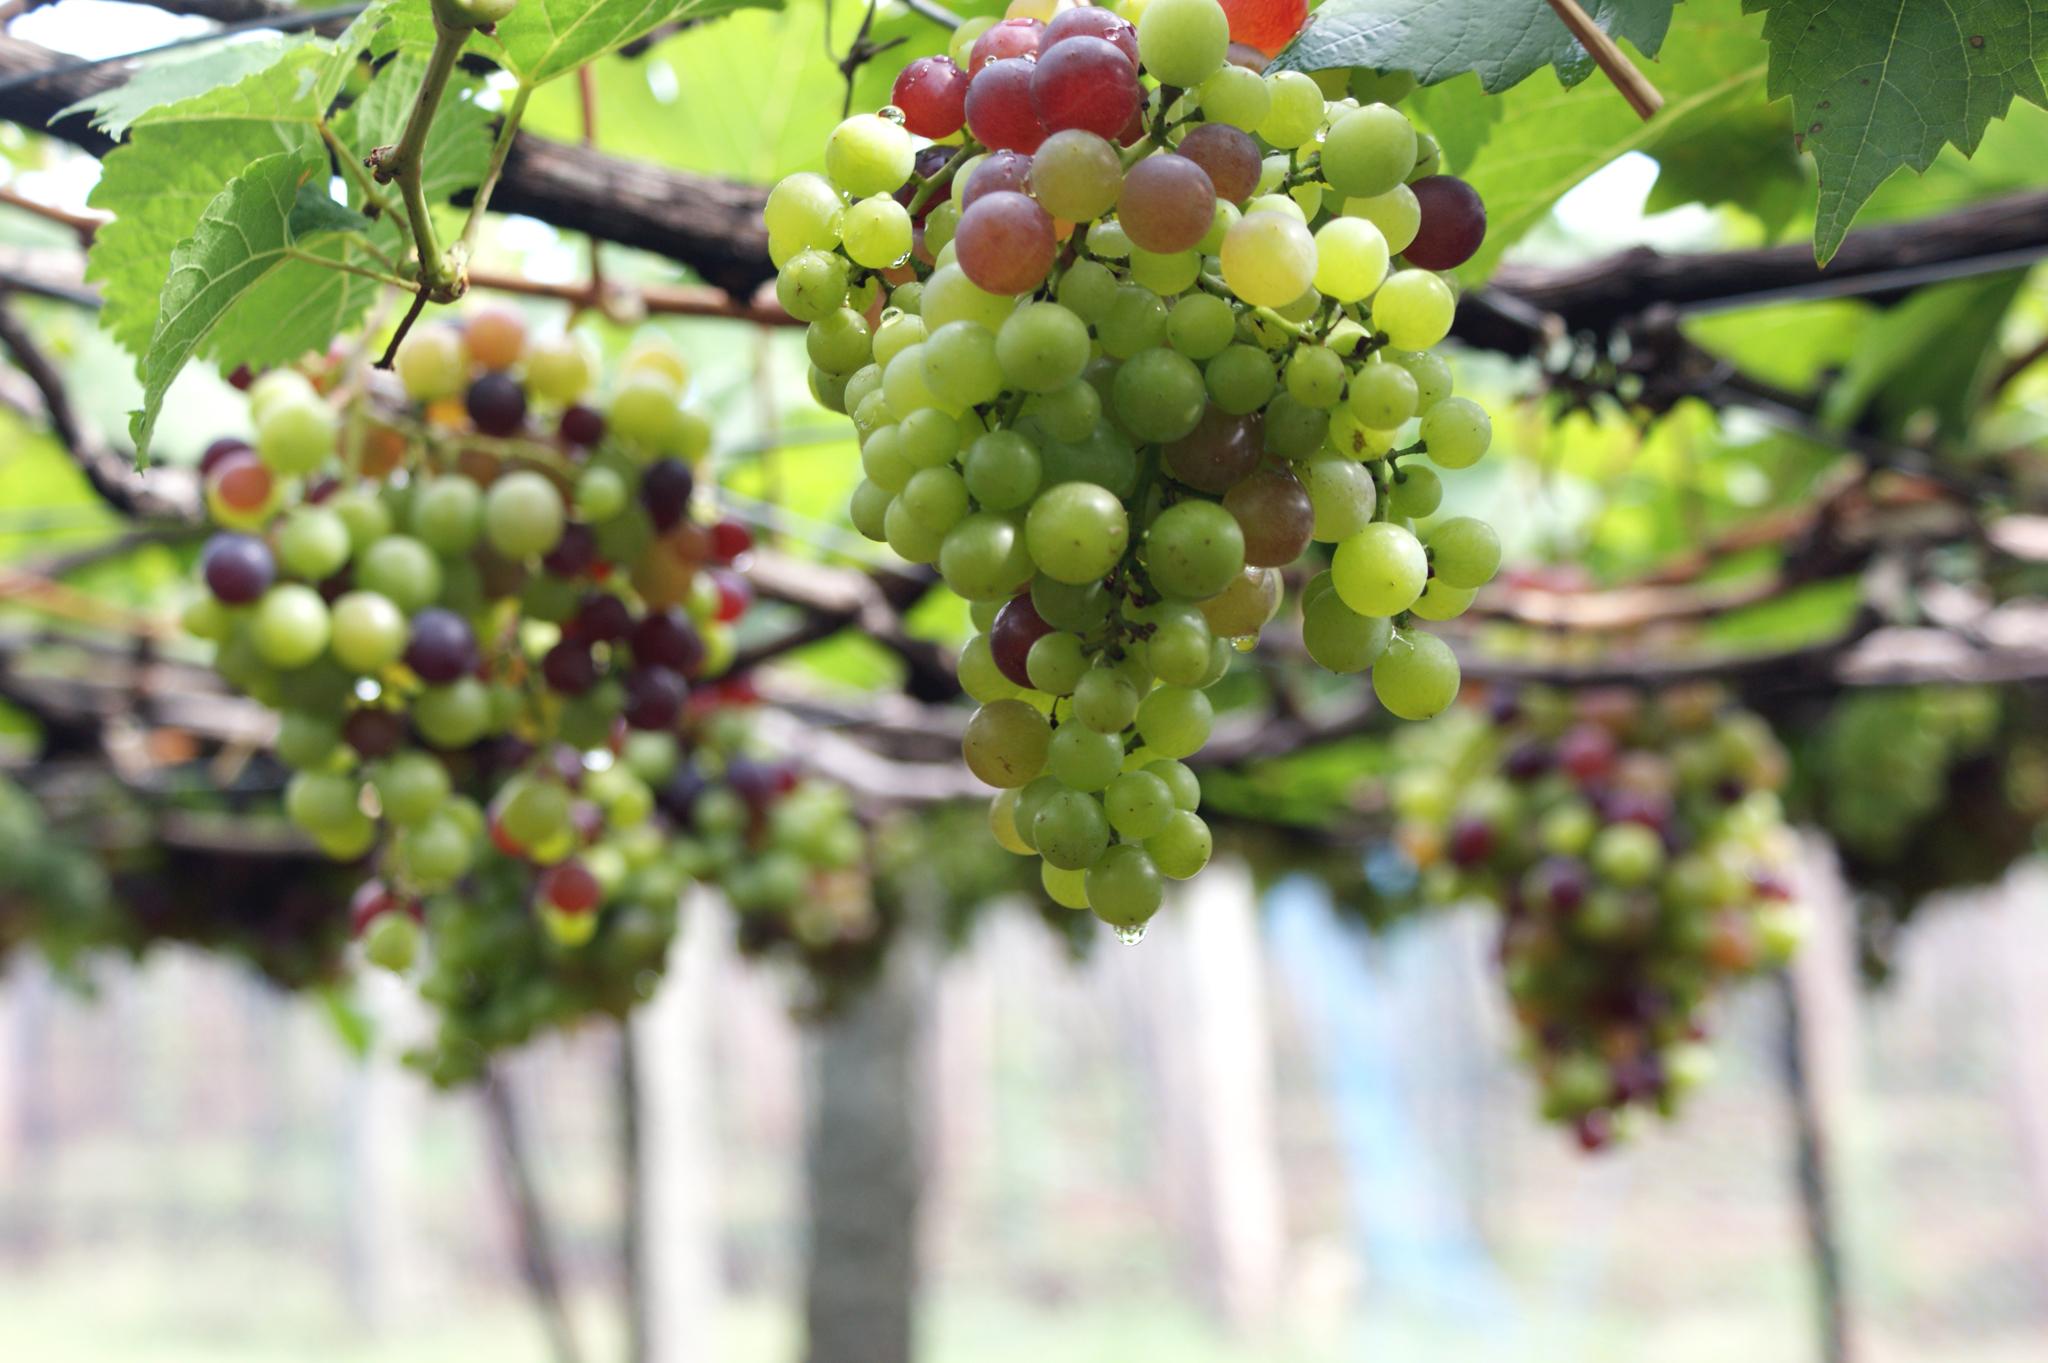 L'uva e i suoi utilizzi in cucina